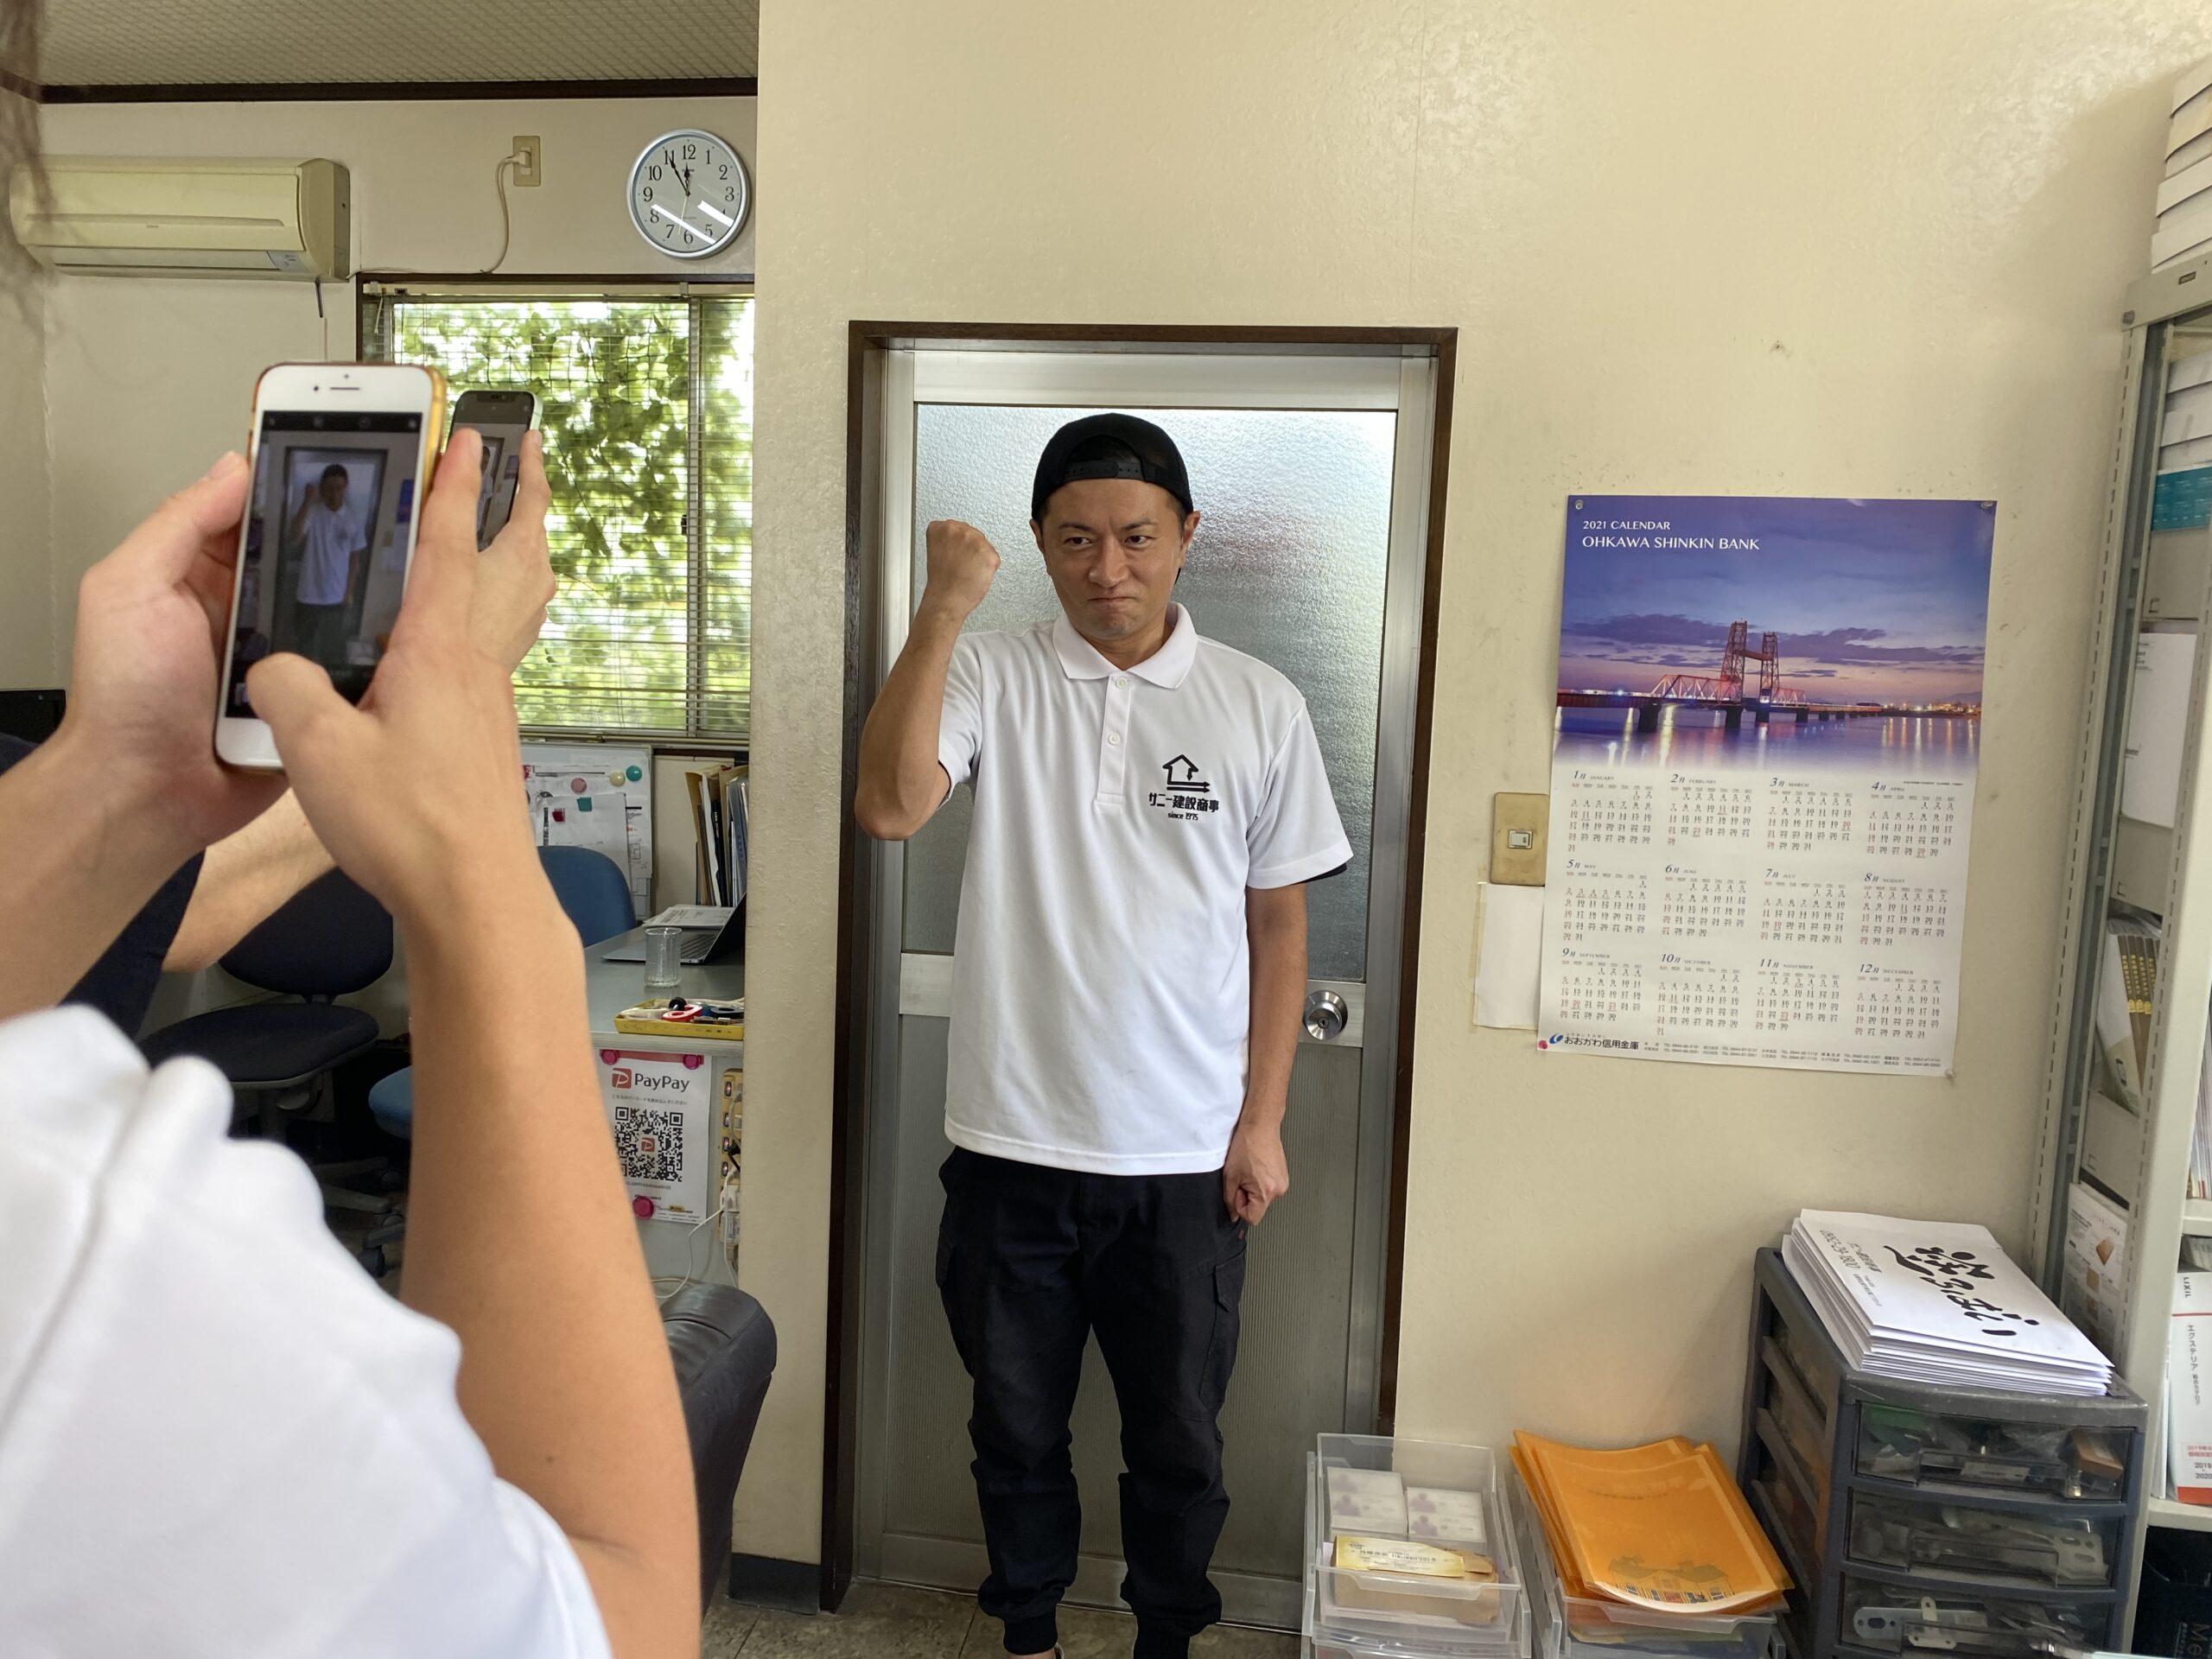 佐賀市 外壁塗装 サニー建設商事 さにけん サニケン 塗るばい ヒロシ 自己紹介シート